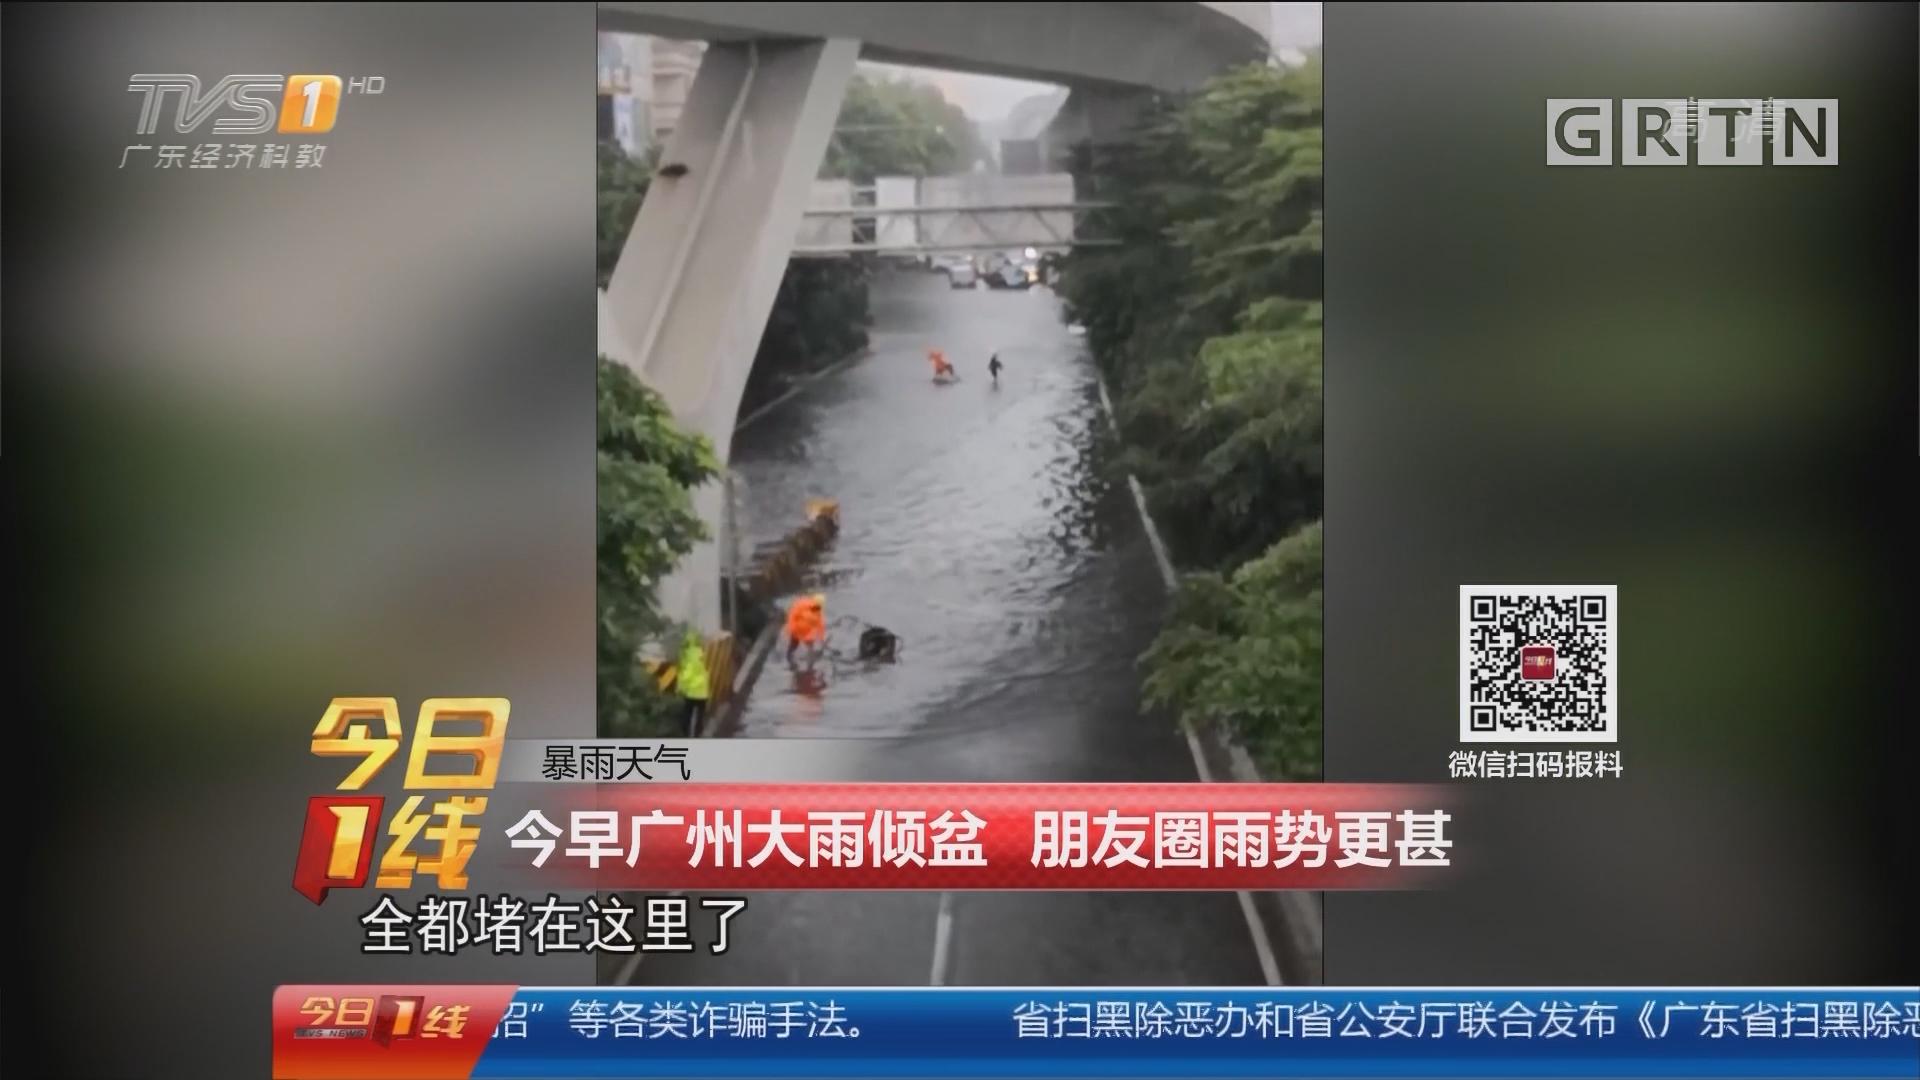 暴雨天气:今早广州大雨倾盆 朋友圈雨势更甚